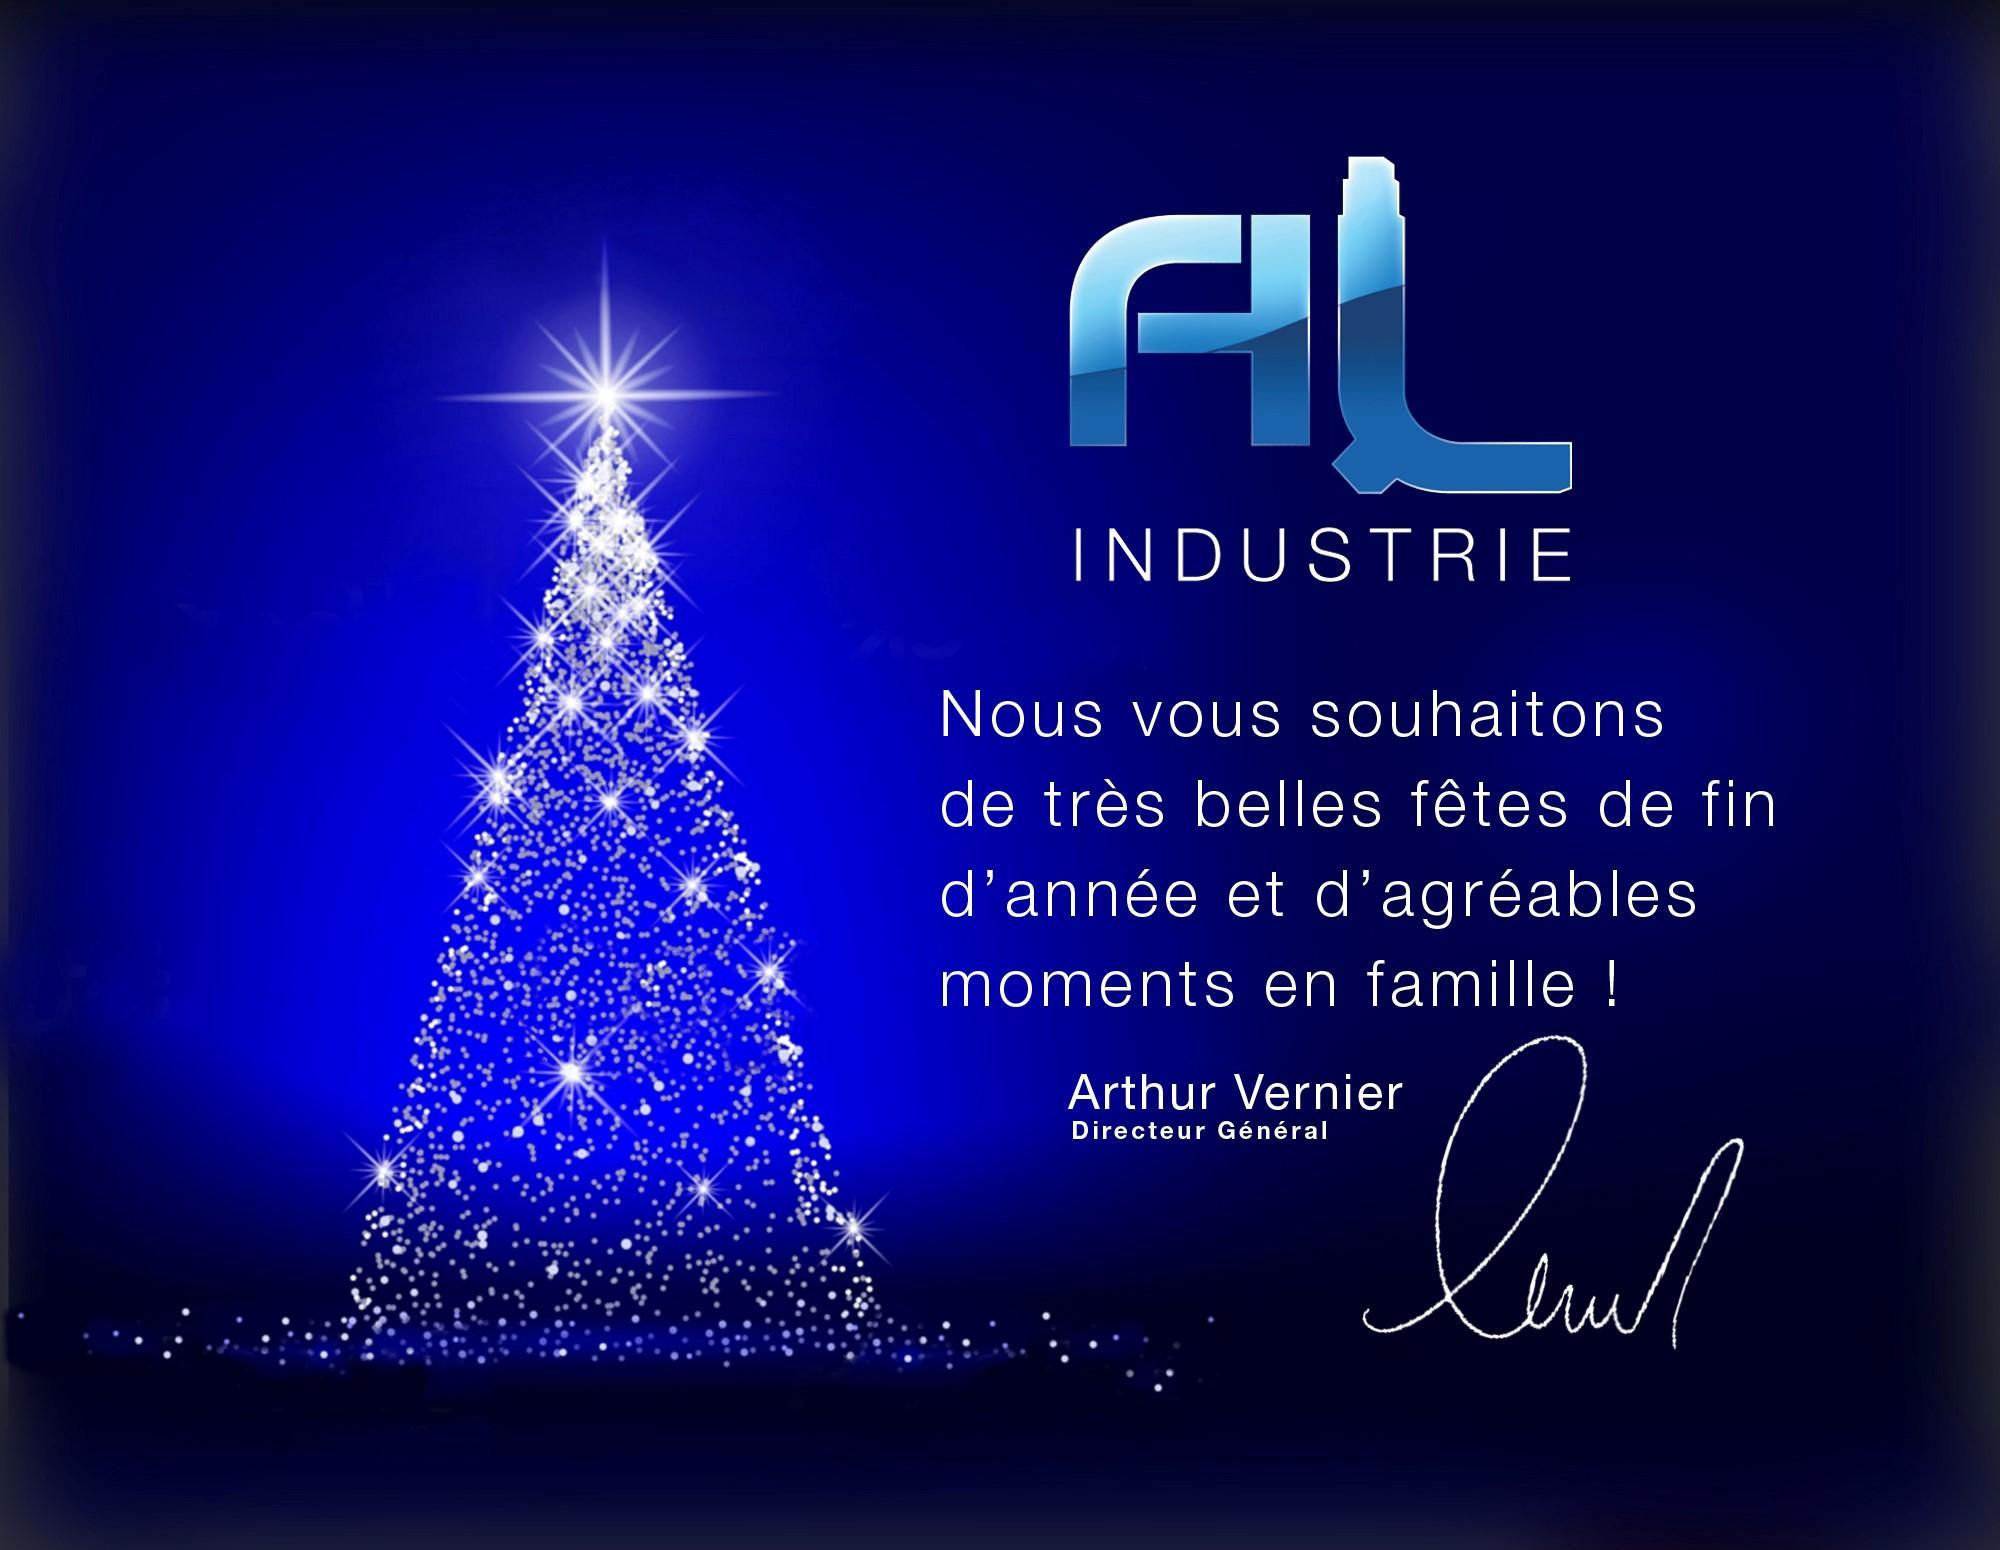 Joyeuses fêtes de fin d'année à tous